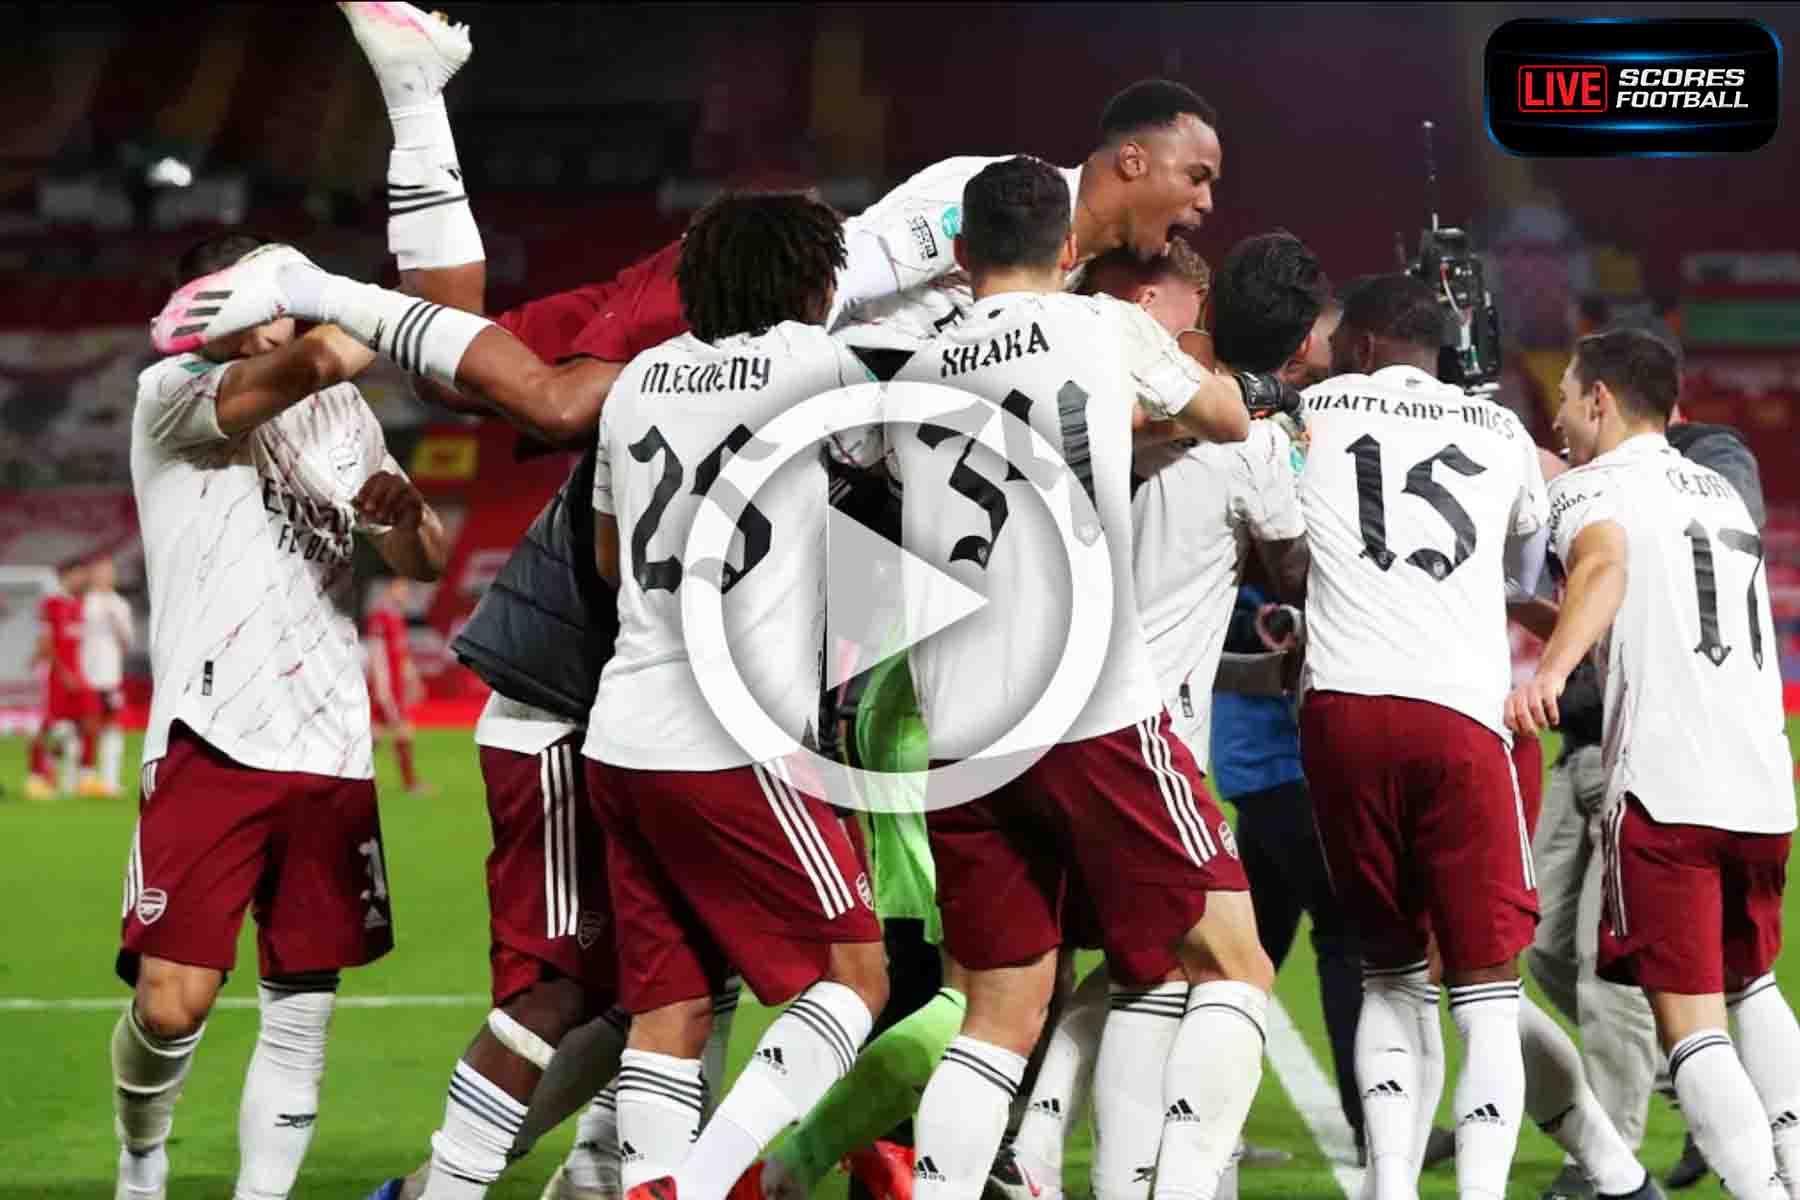 ไฮไลท์คู่เด็ด Carabao Cup ลิเวอร์พูล 0-0 อาร์เซน่อล (ลูกโทษ 4-5) วันที่ 1-10-2020 - LivescoresFB